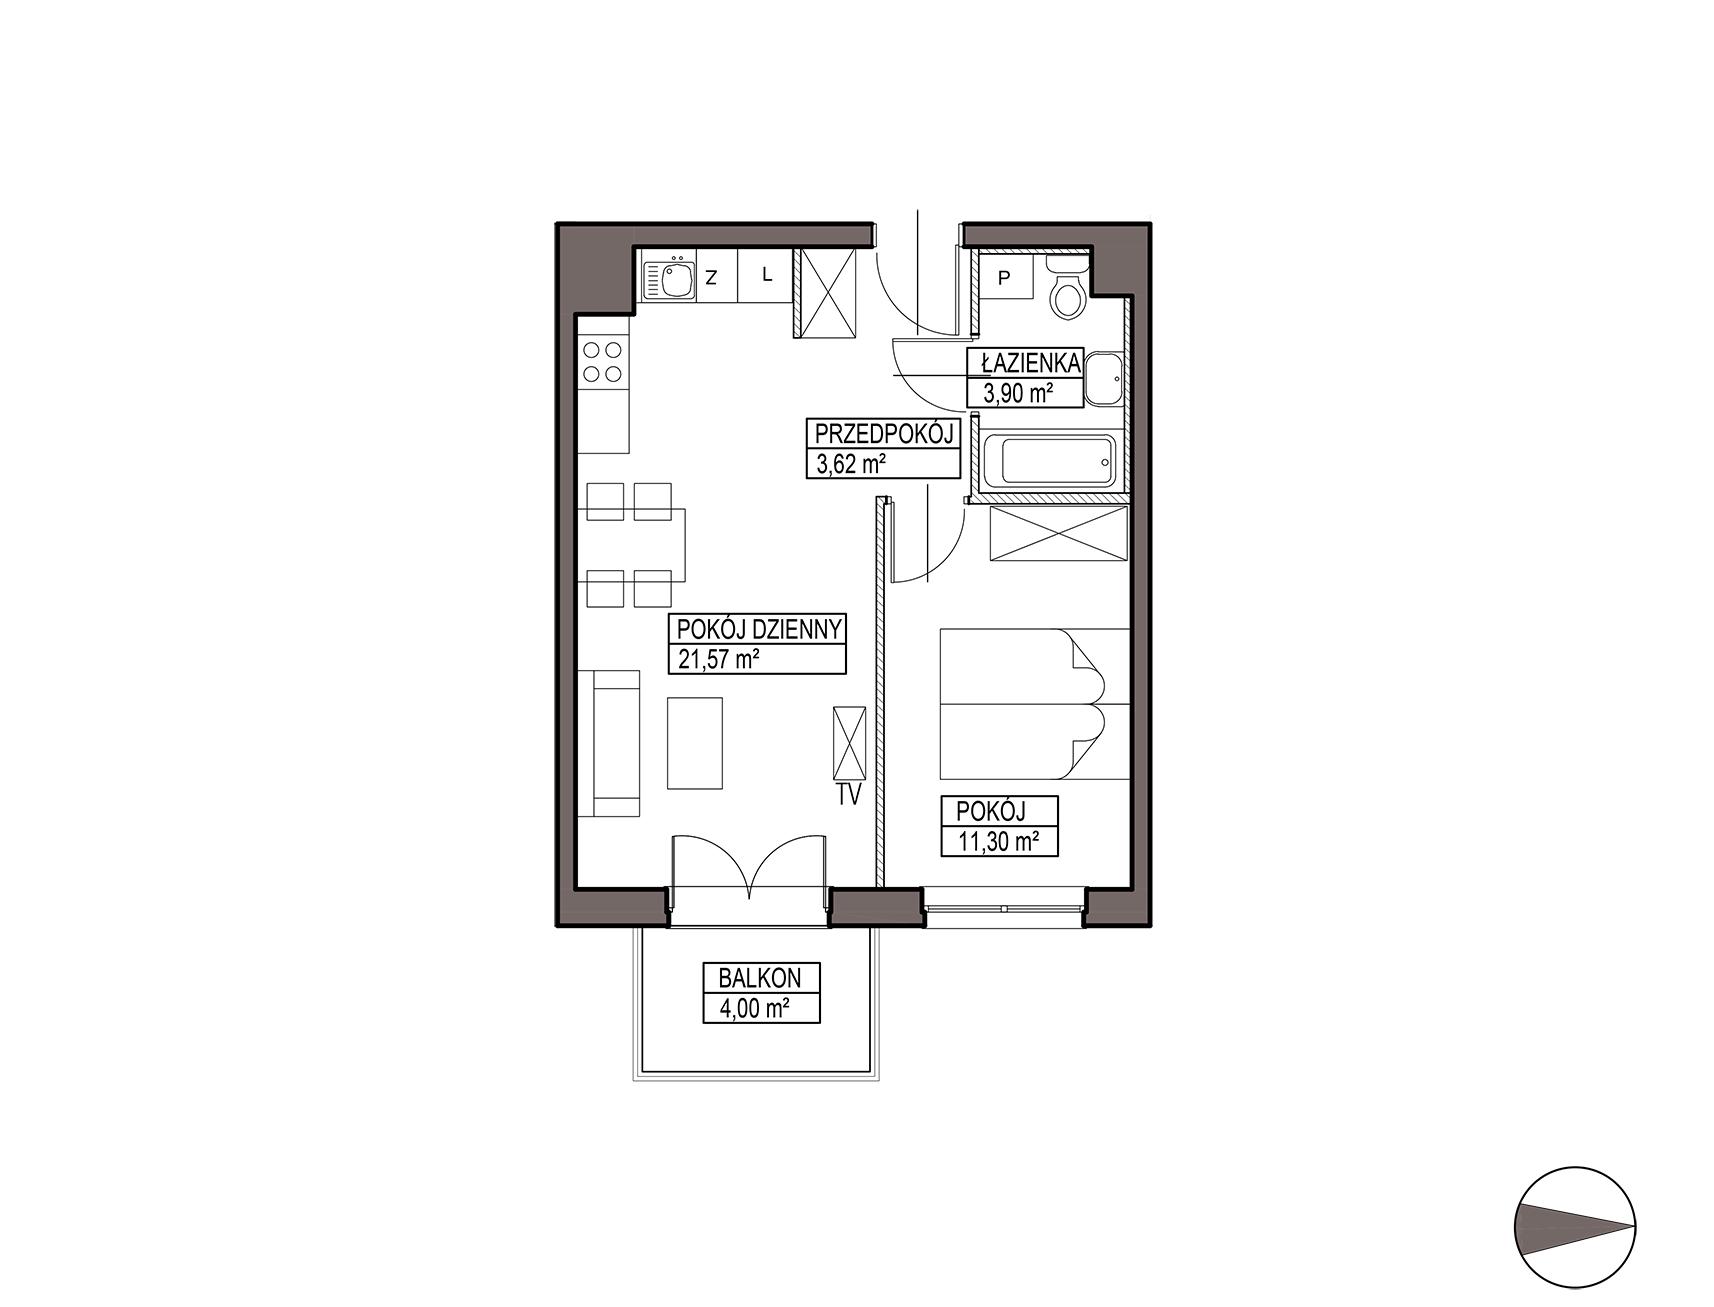 Uroczysko III / budynek 5 / mieszkanie G/1/17 rzut 1